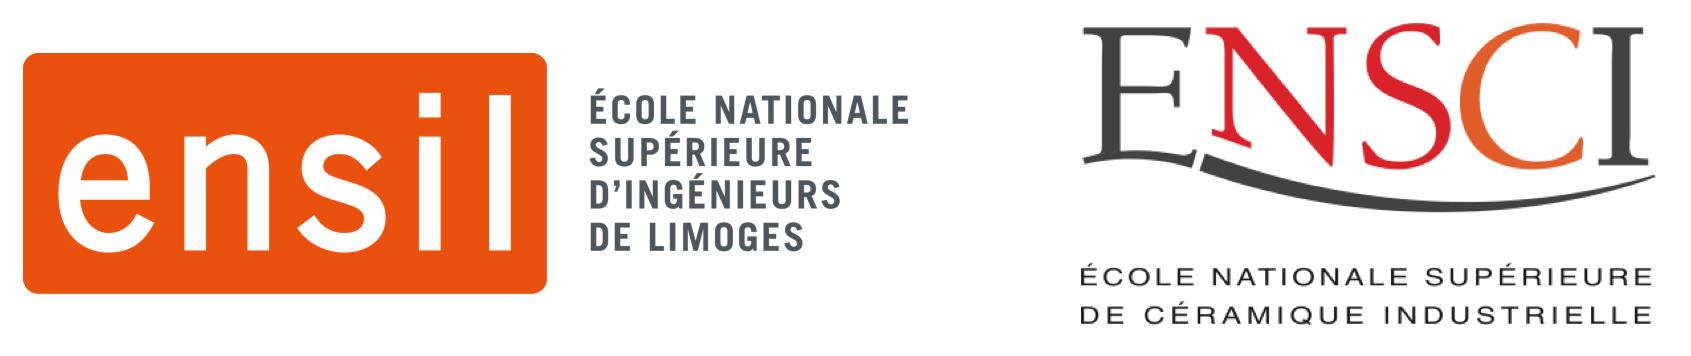 Ecole Nationale Superieure d Ingenieurs de Limoges